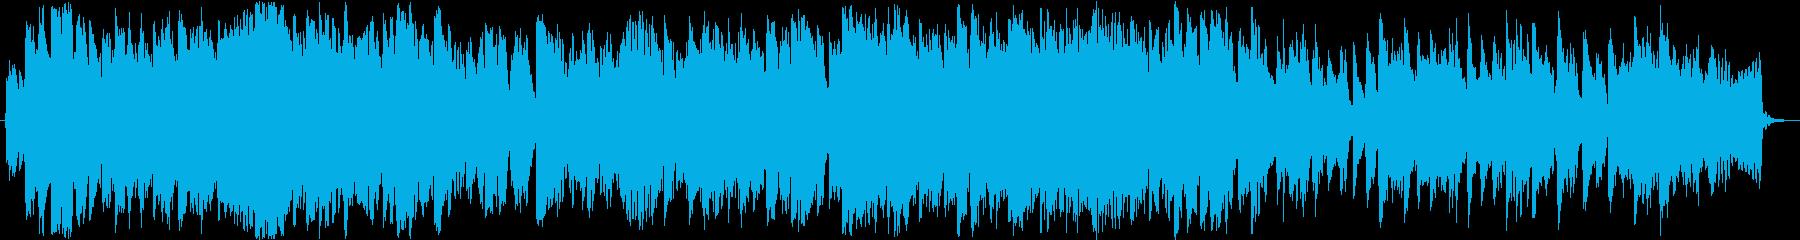 ピアノ フルート ほのぼの ドラマチックの再生済みの波形